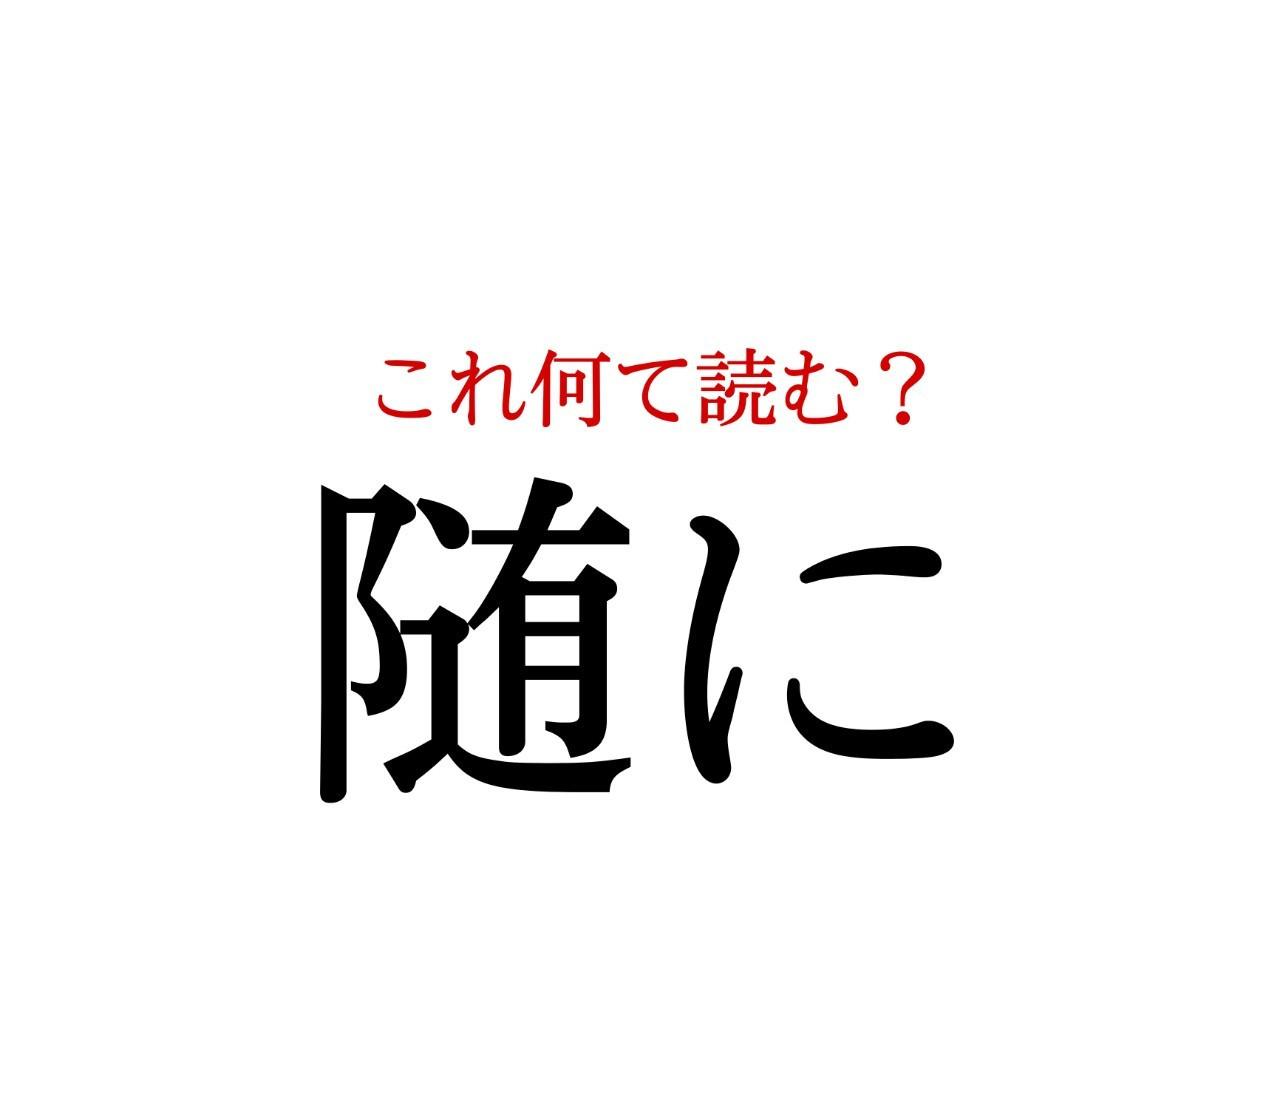 「随に」:この漢字、自信を持って読めますか?【働く大人の漢字クイズvol.150】